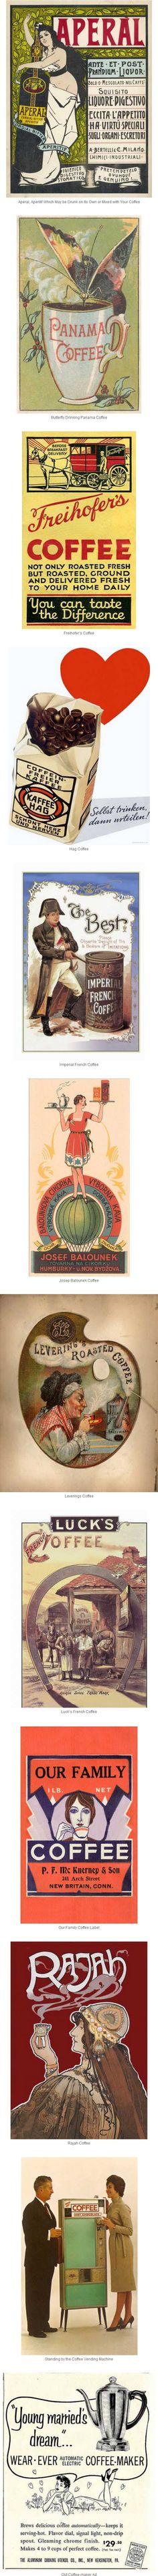 Vintage Coffee Labels Vintage Labels, Vintage Ads, Coffee Labels, Vintage Coffee, Logo, Books, Cards, Design, Vintage Tags